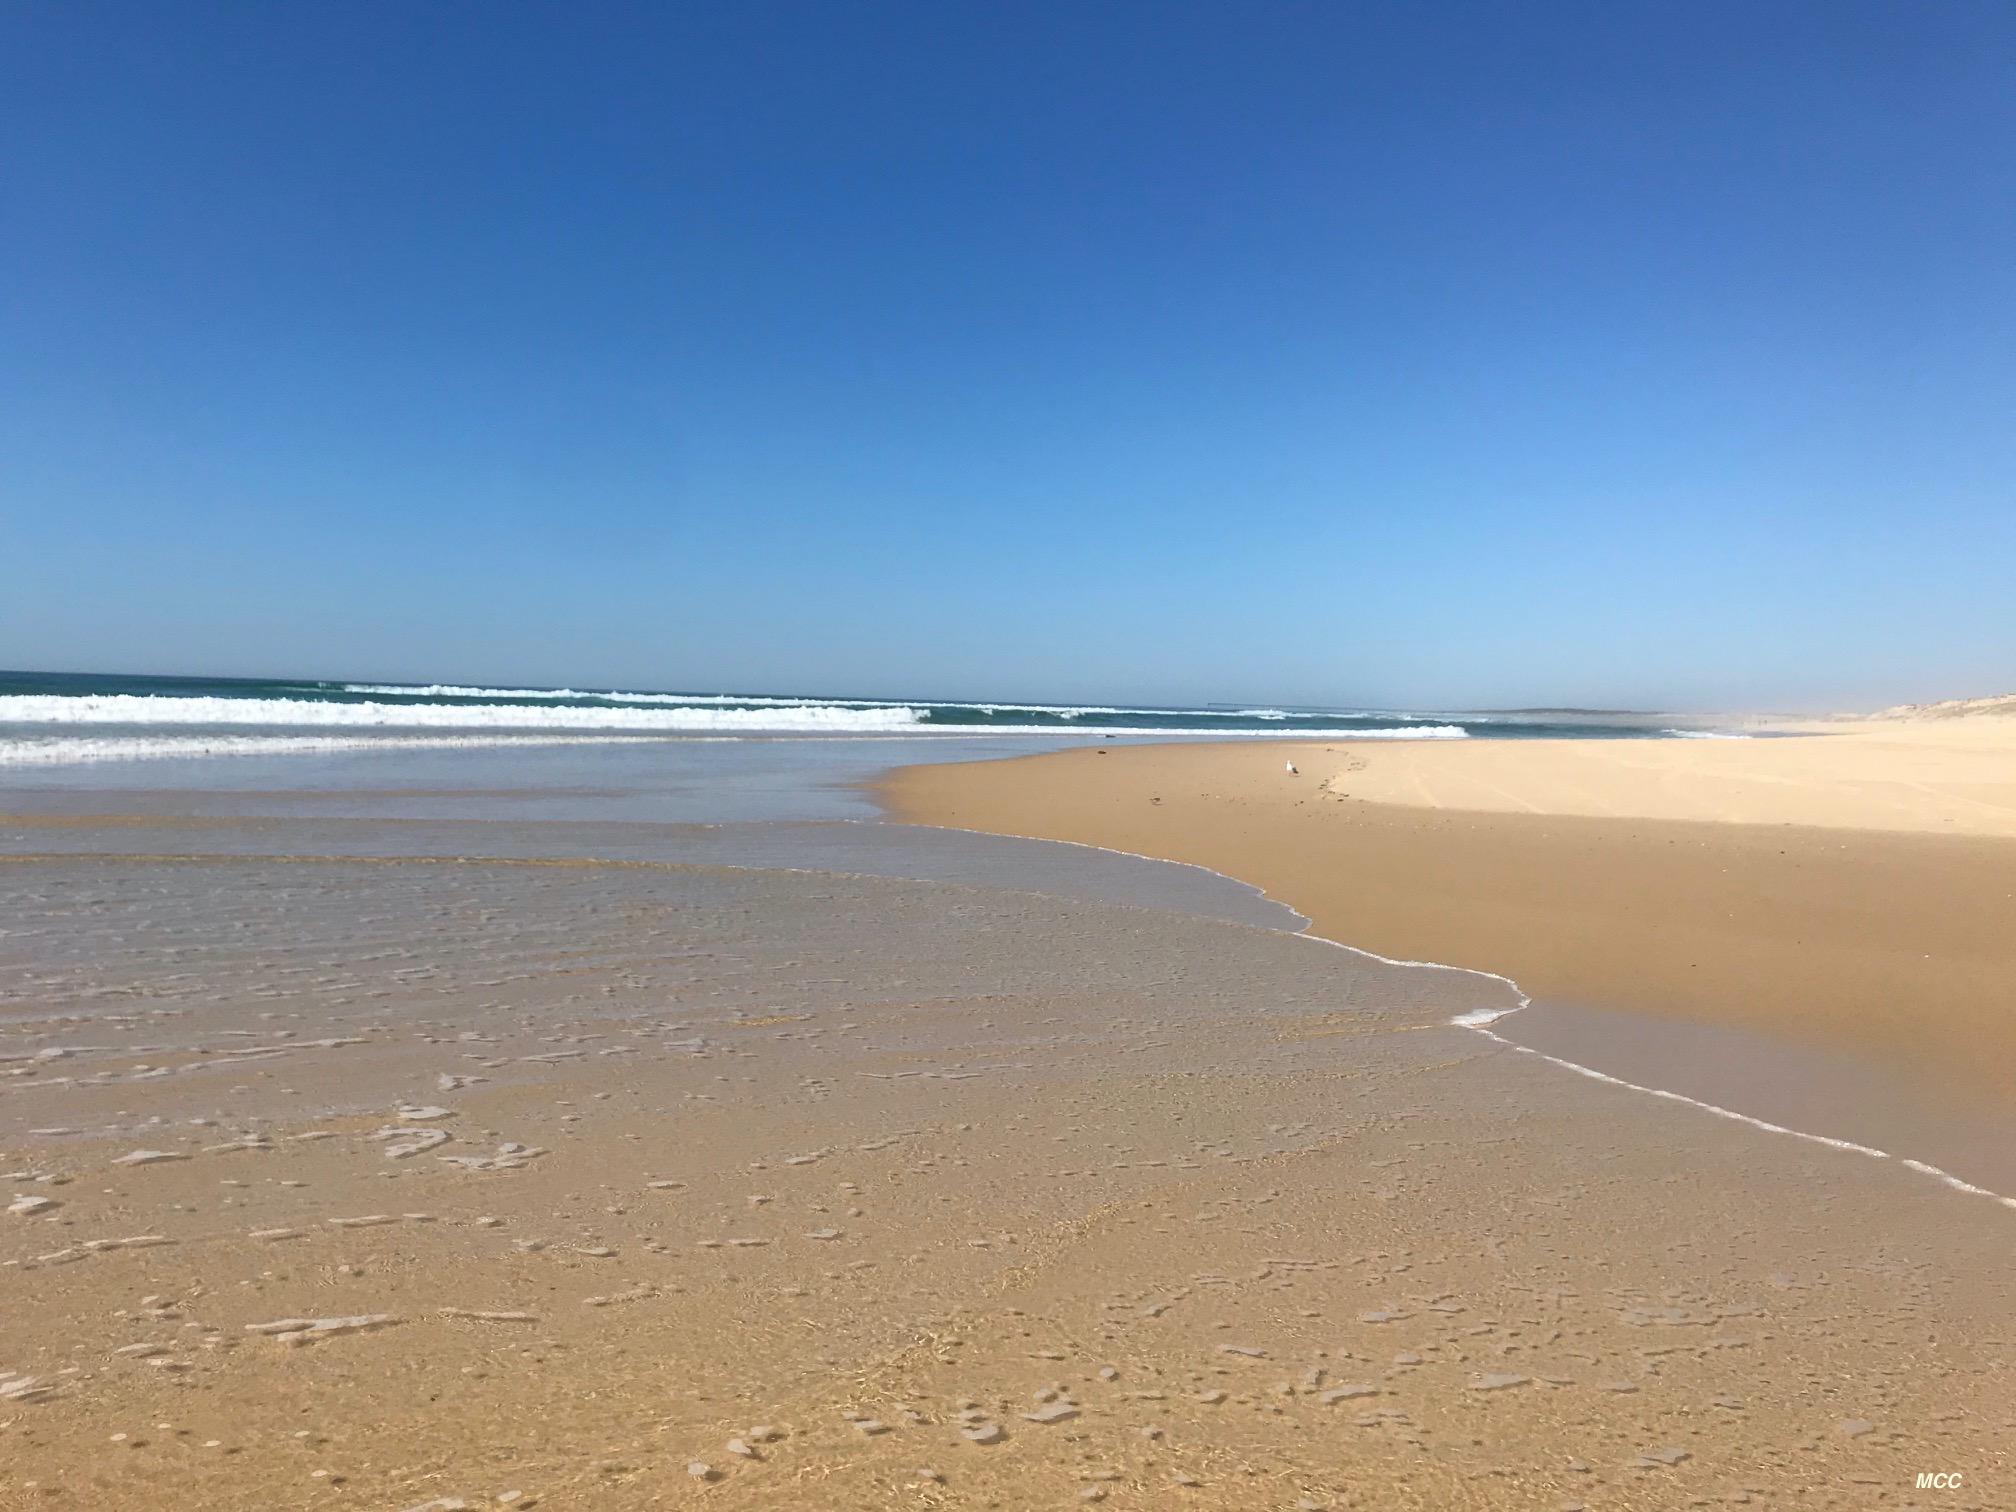 ocean-plage-deserte